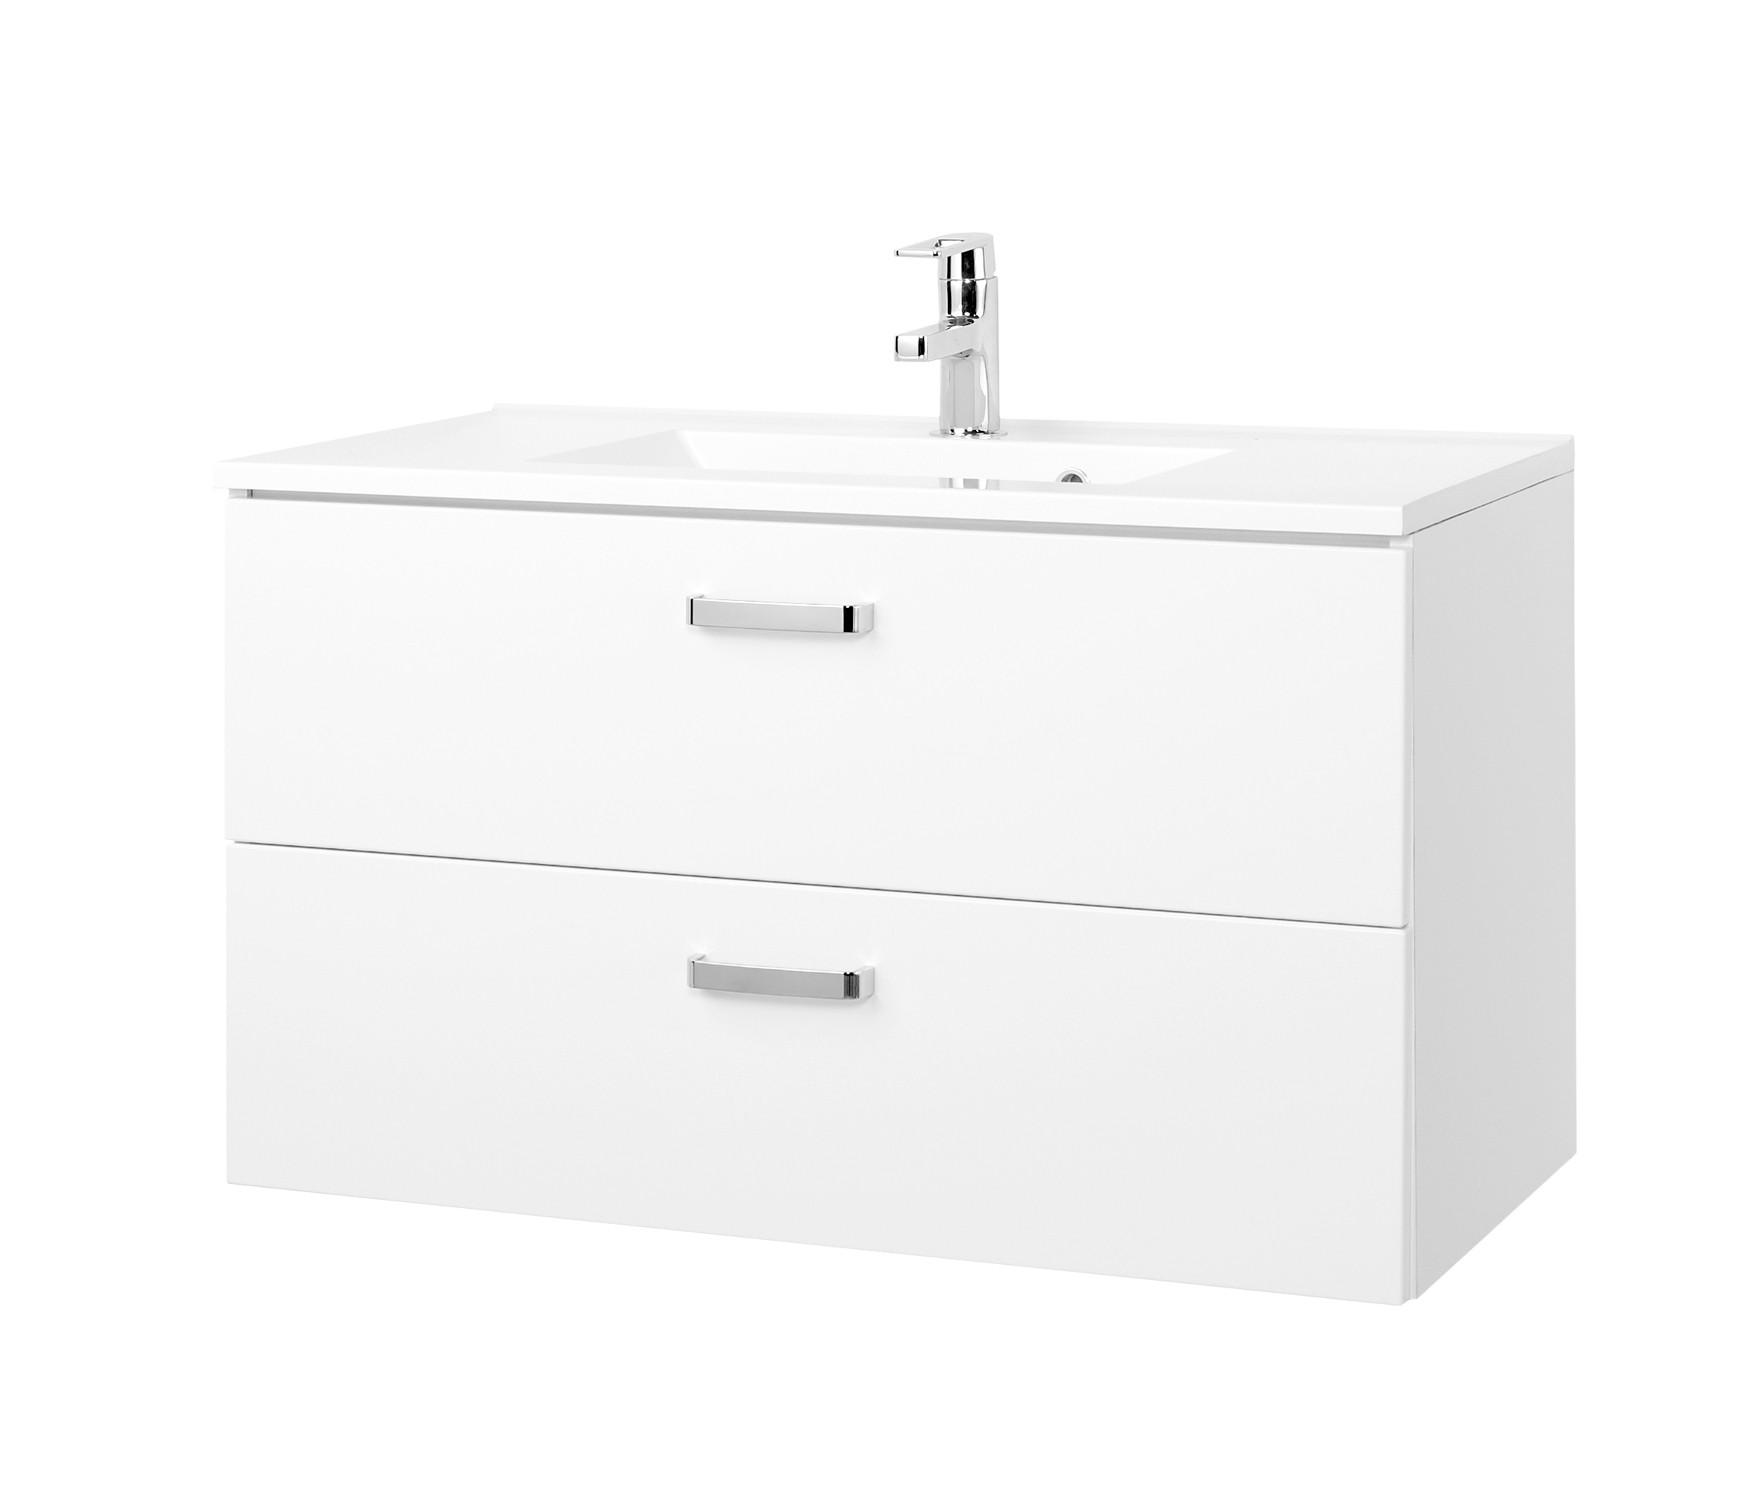 Waschtisch Mit Unterschrank 90 Cm Auszüge Waschtischunterschrank